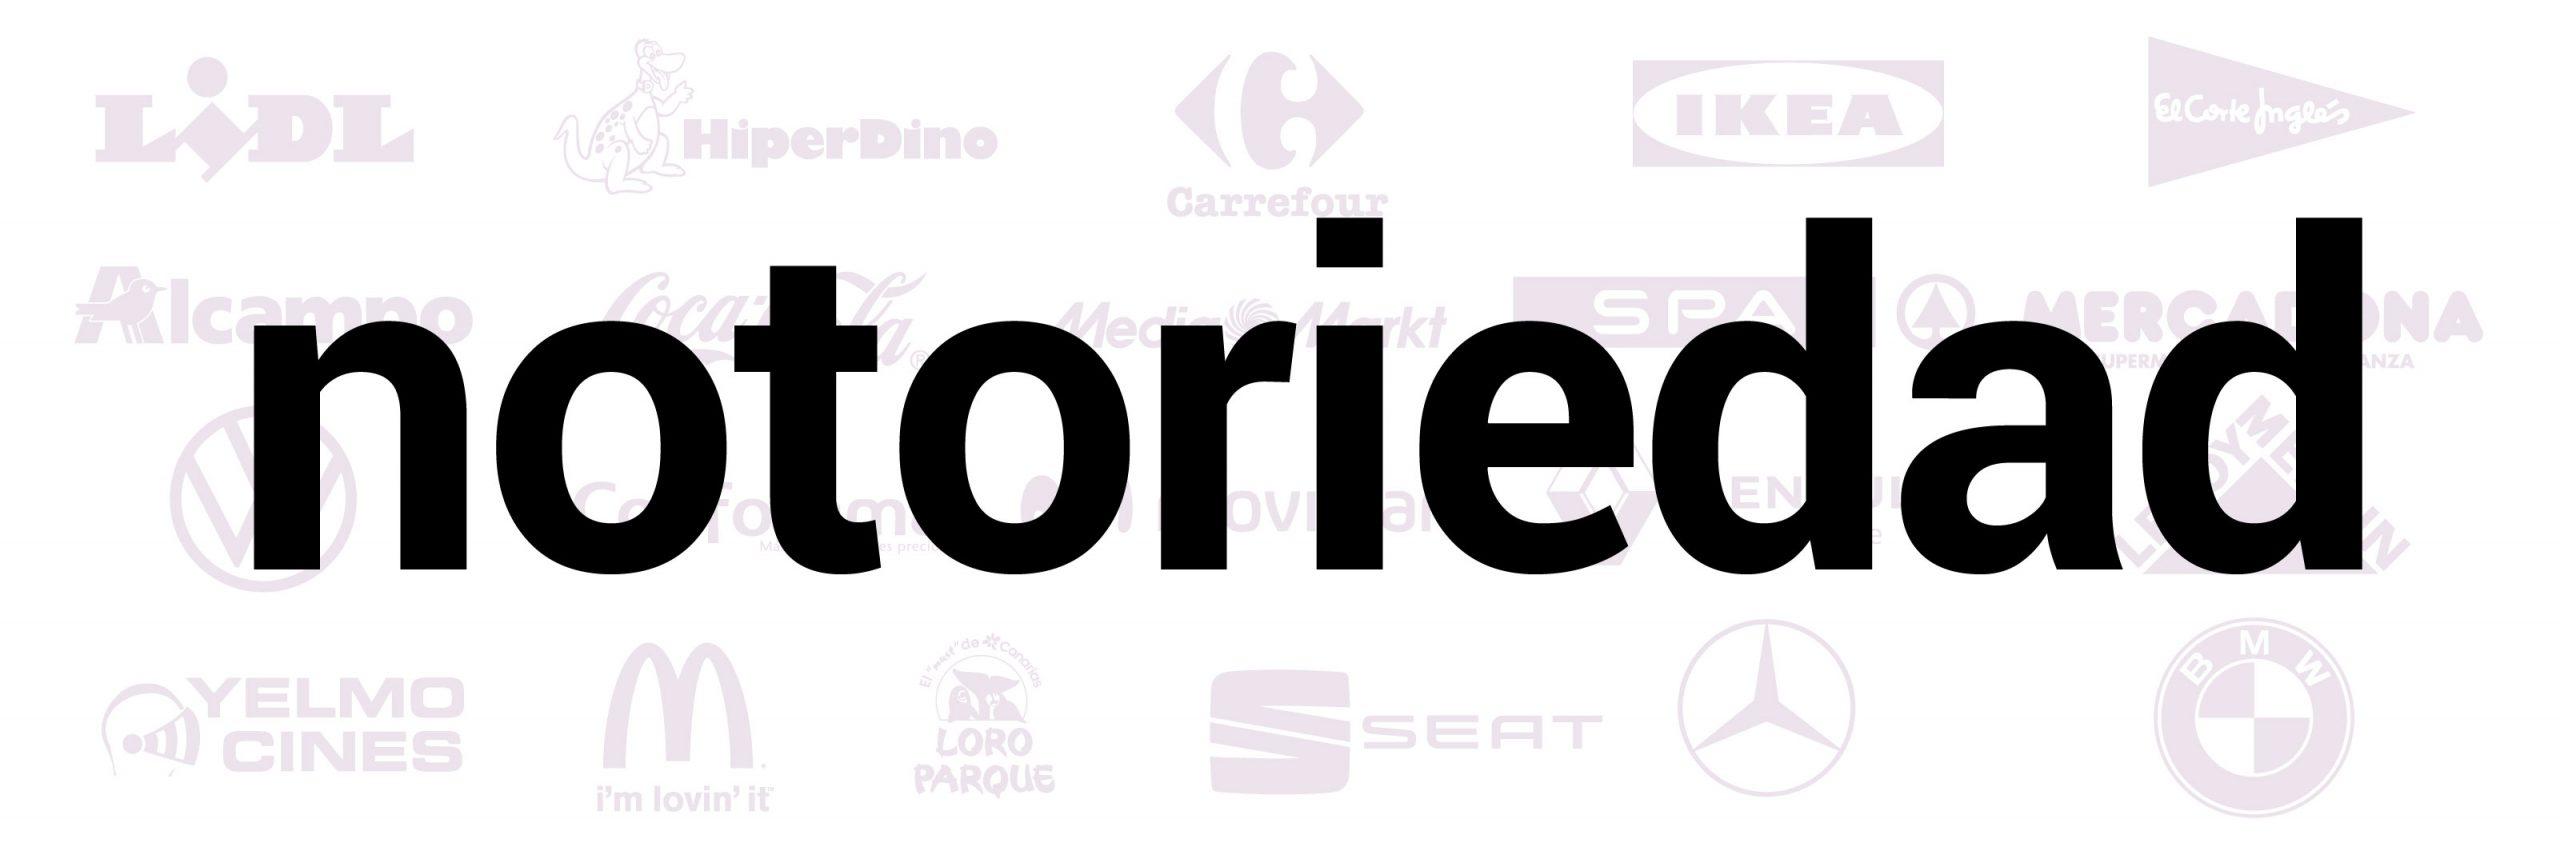 Notoriedad publicitaria: ¿Qué marcas recuerda haber visto ayer en Televisión?